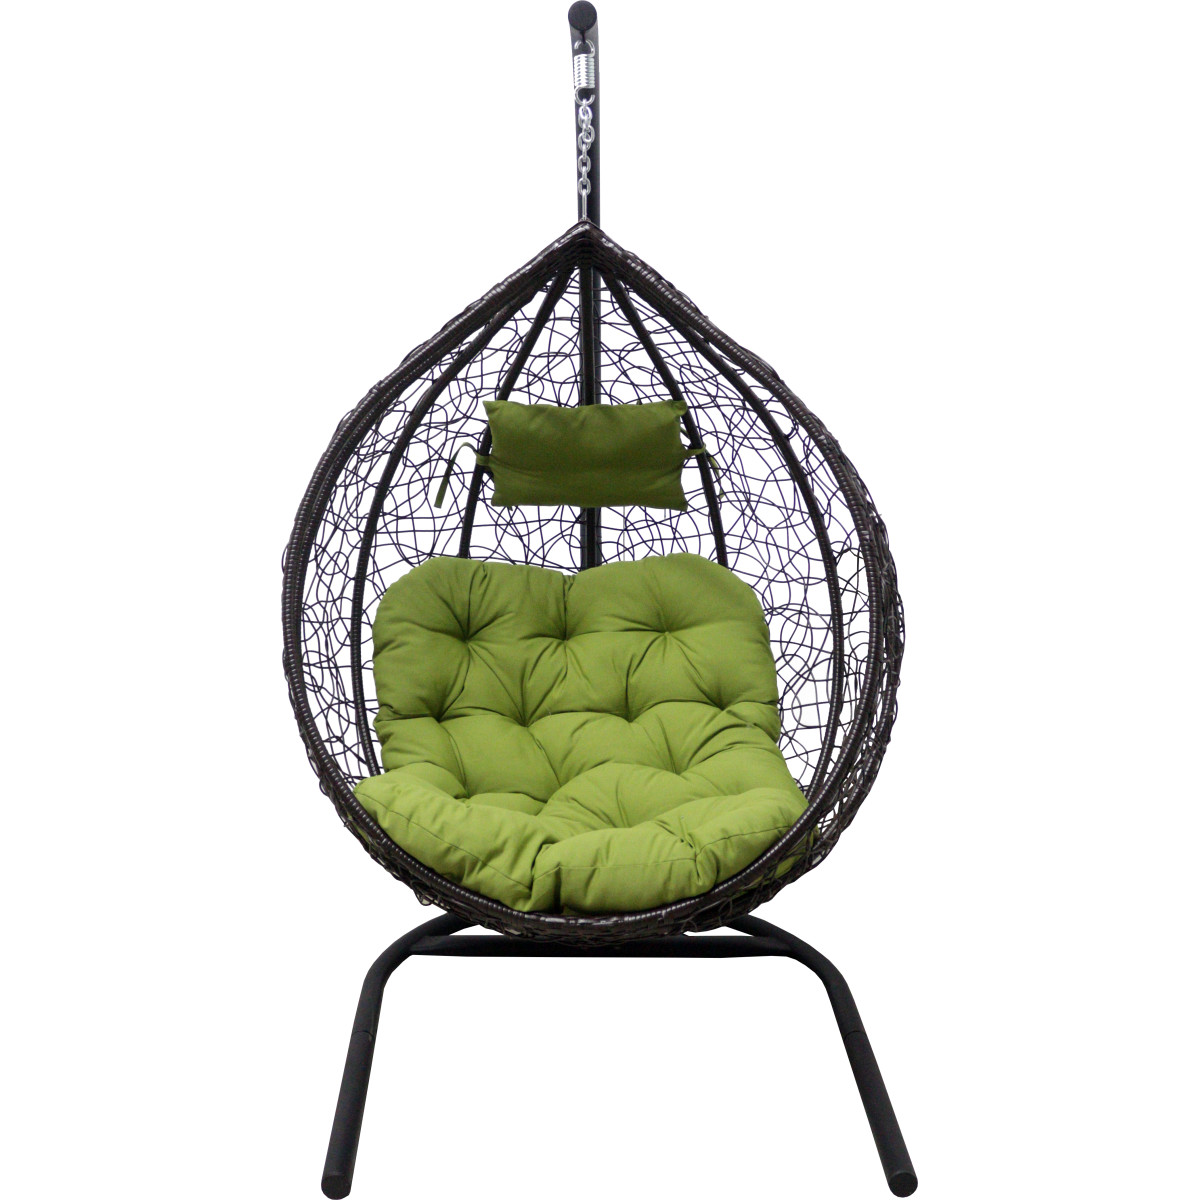 Кресло Подвесное С Опорой Veil 102x200x126 Искусственный Ротанг Темно-Коричневый/Оливковый